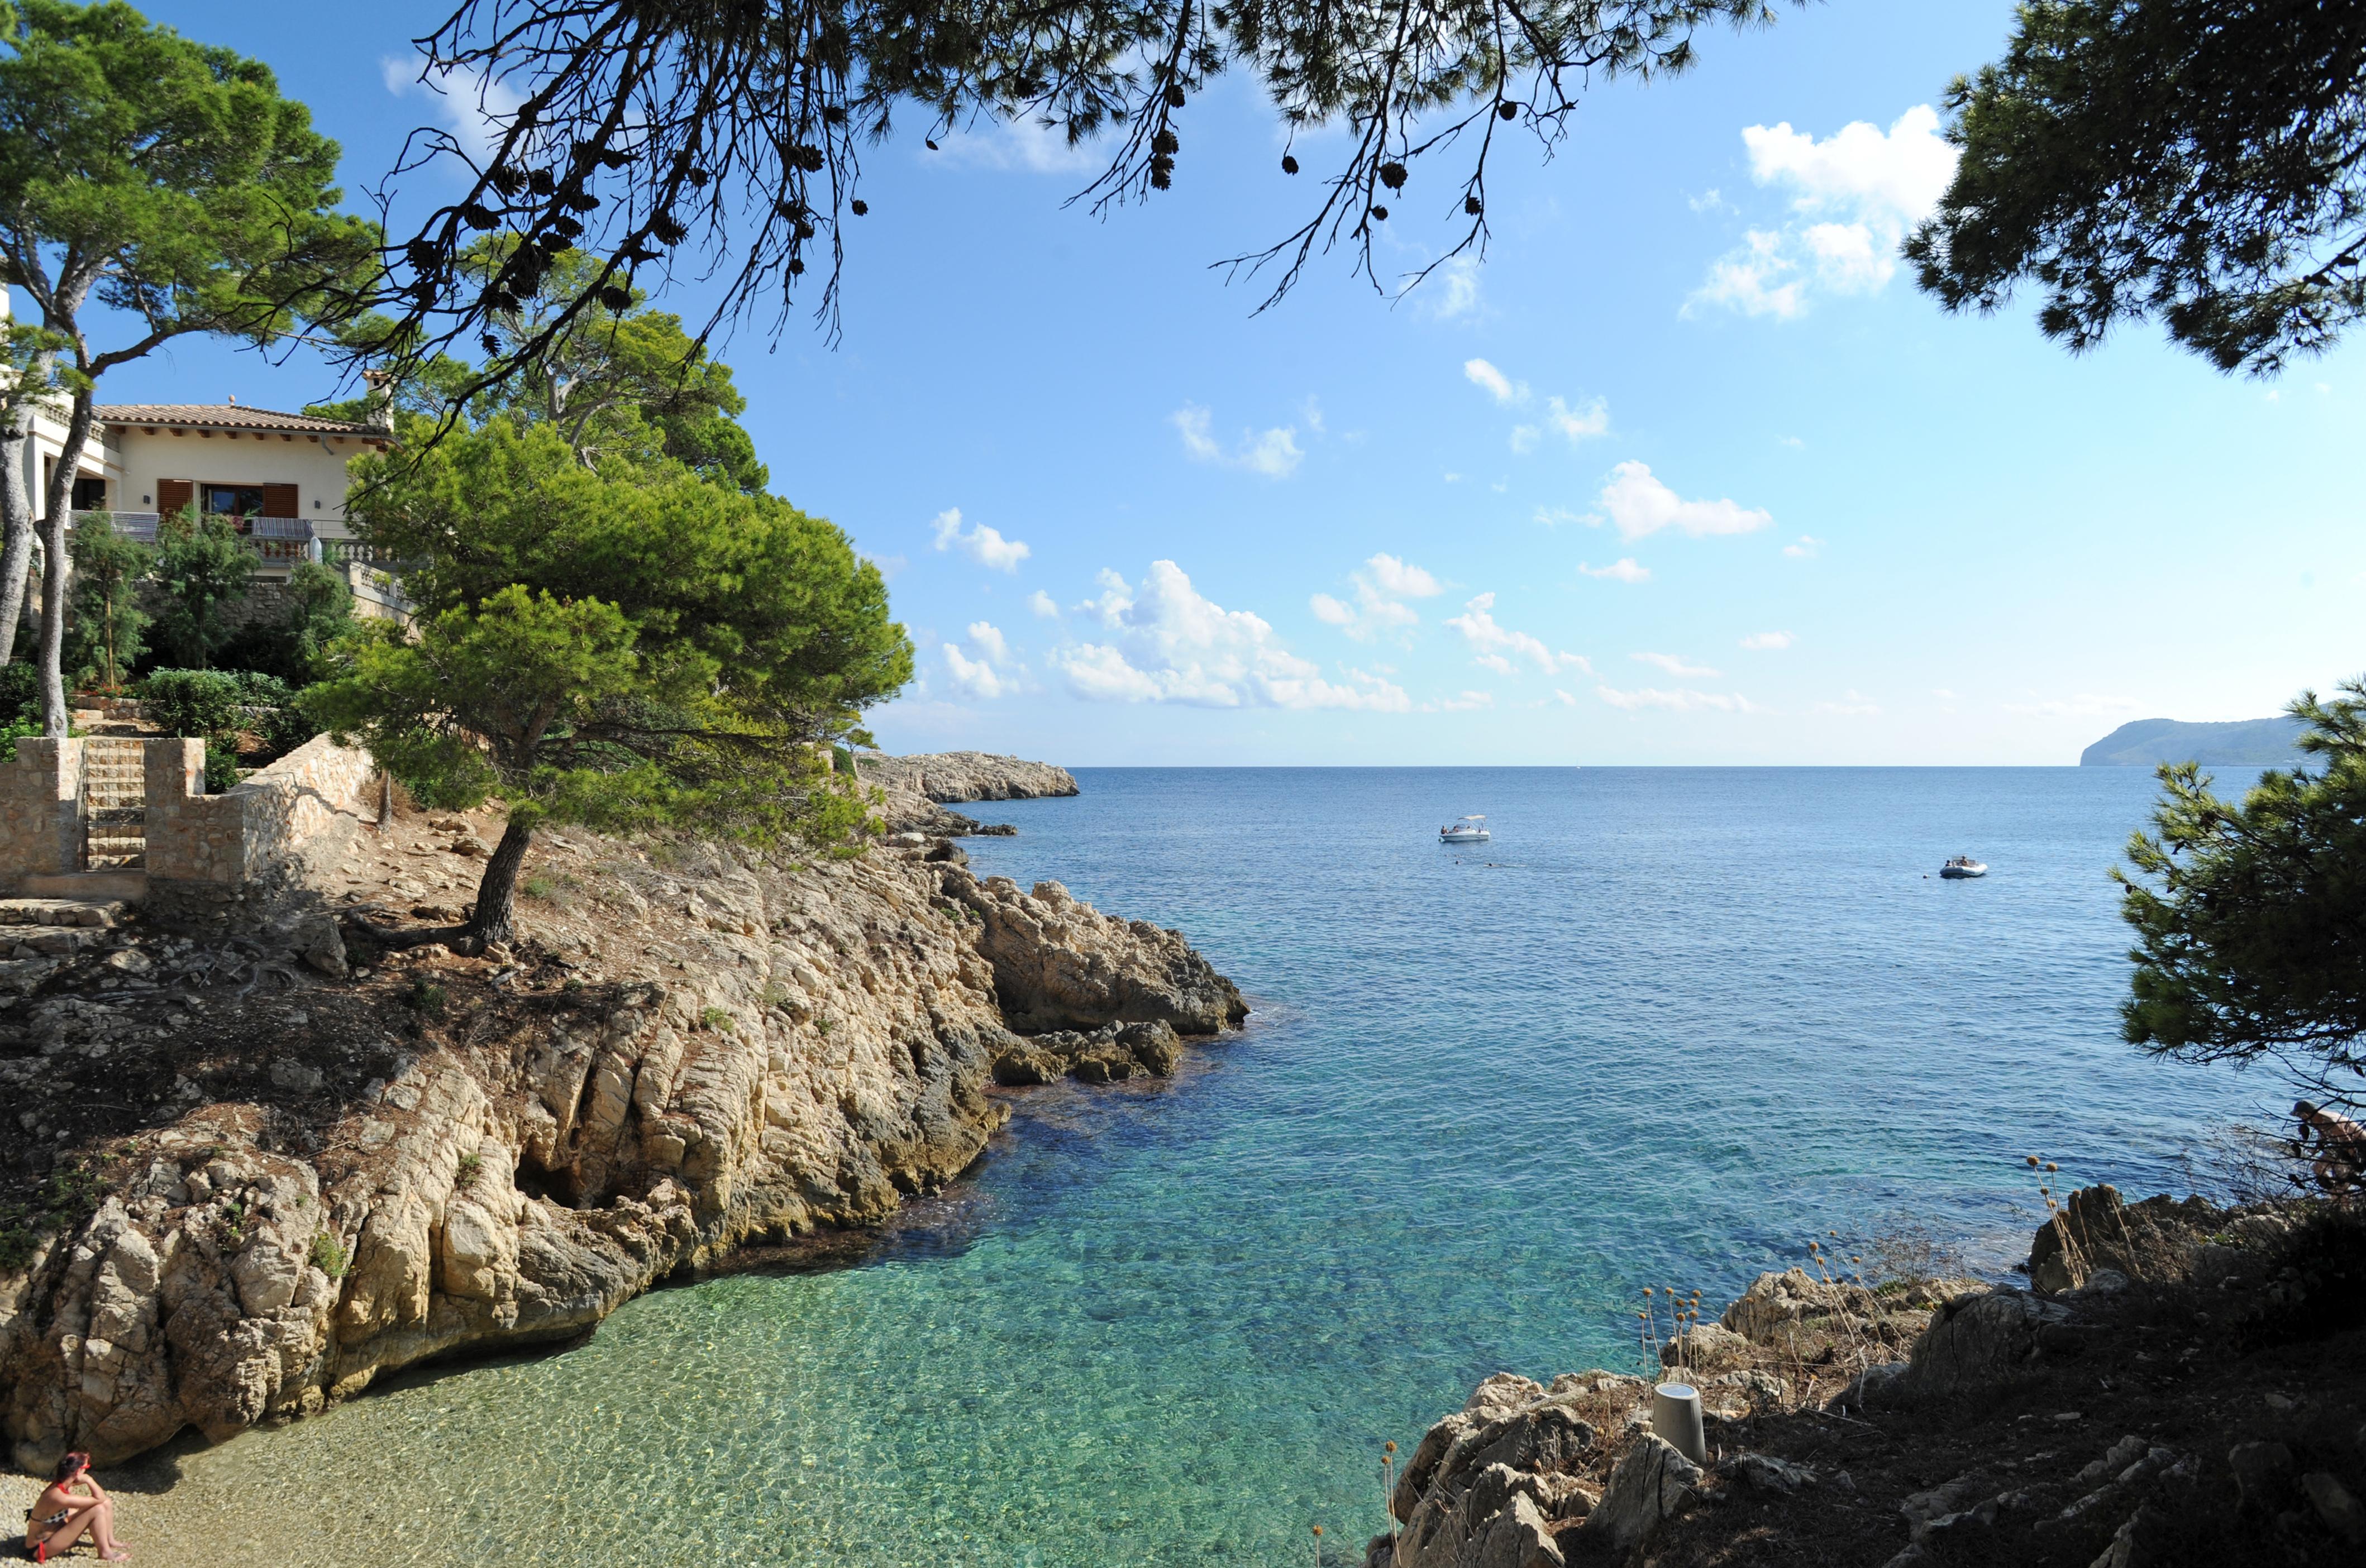 Das Dorf Cala Rajada (Cala Ratjada) in Mallorca